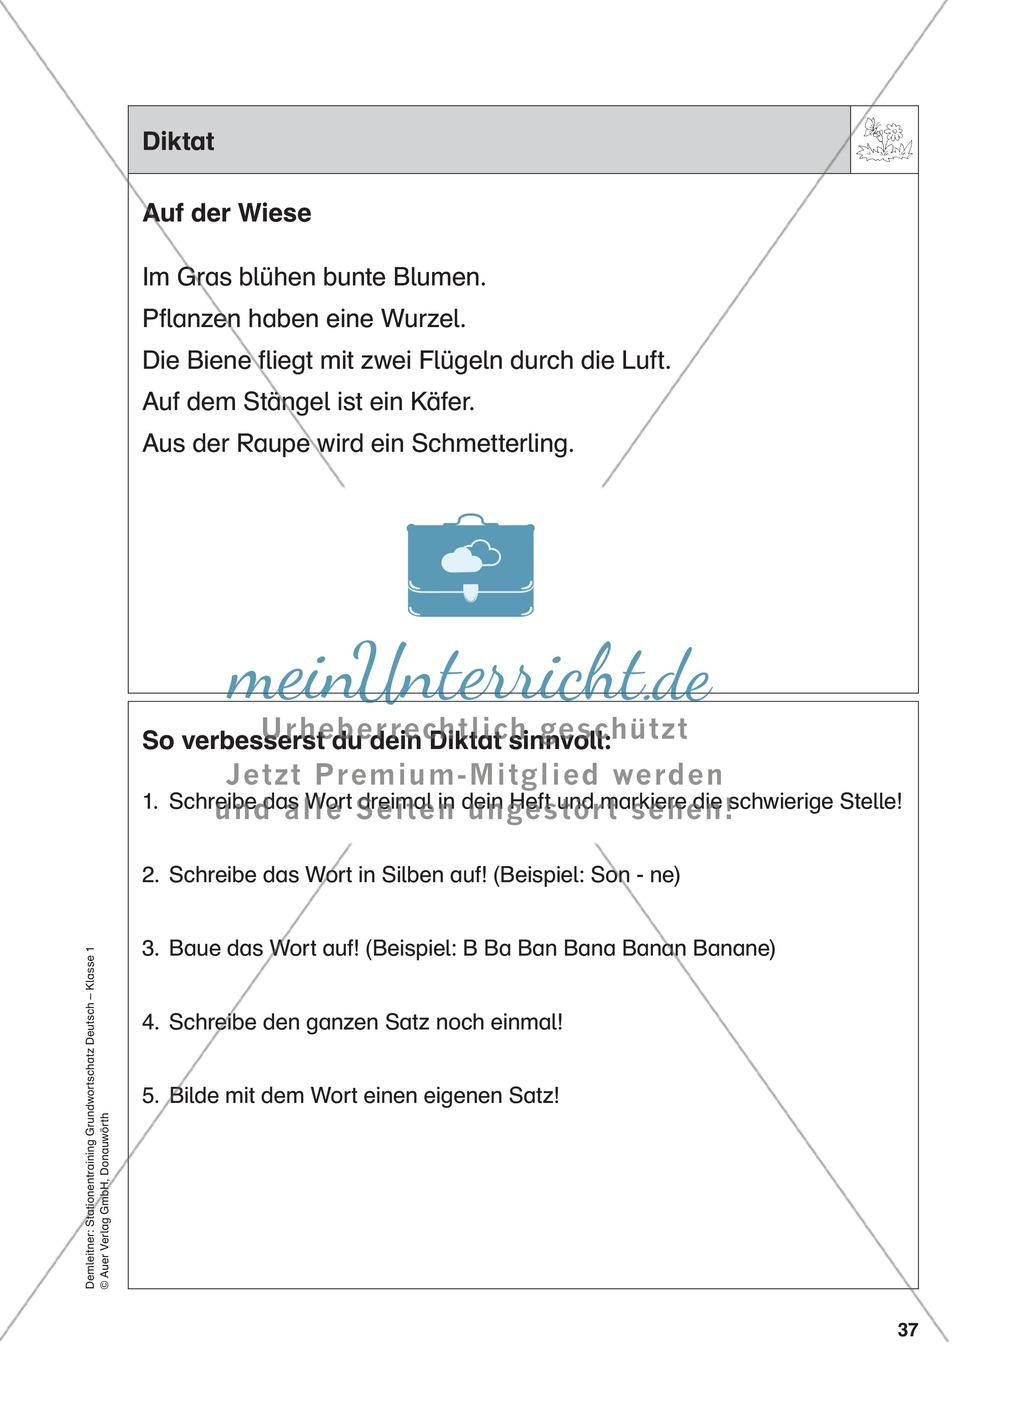 Stationentraining Wiese: Arbeitsblätter mit Lösungen, Diktat Preview 14